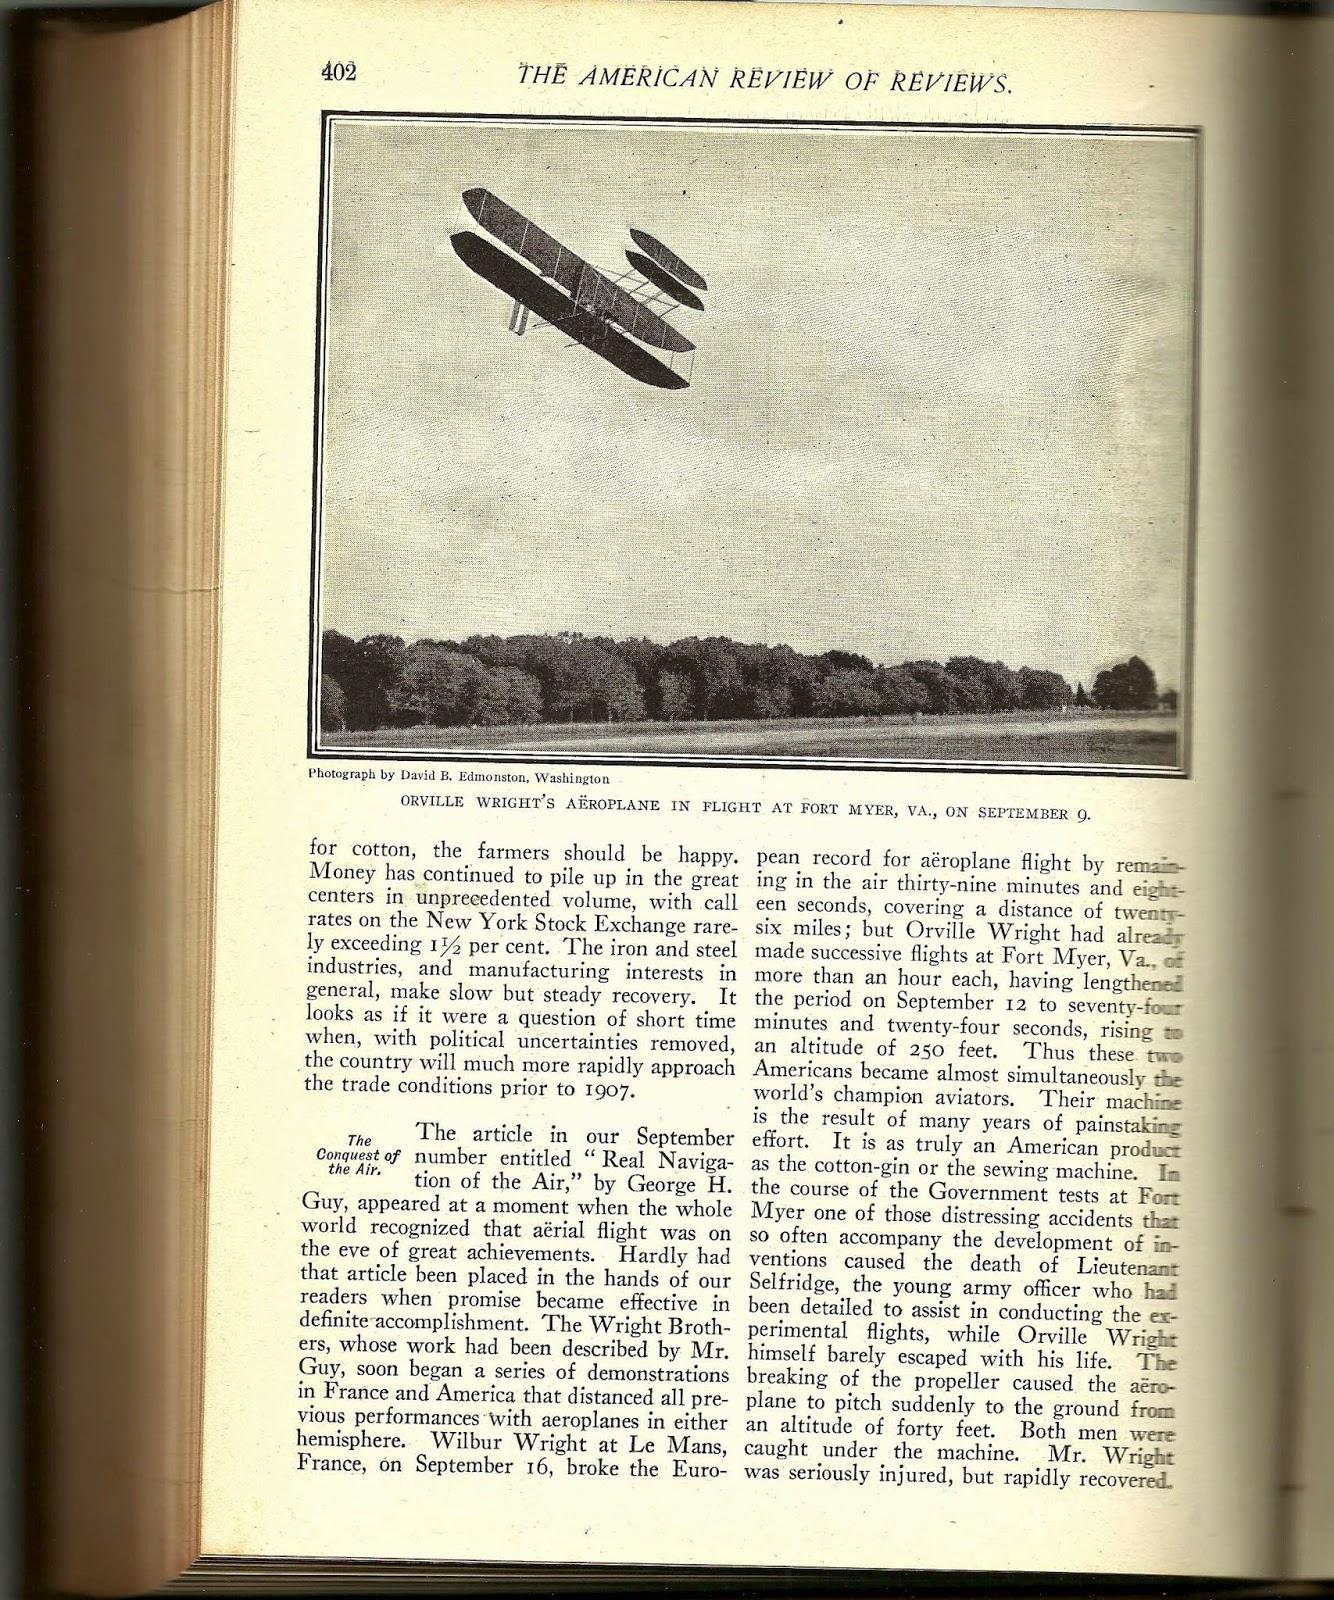 Fort Myer, Va Orville Wright accident